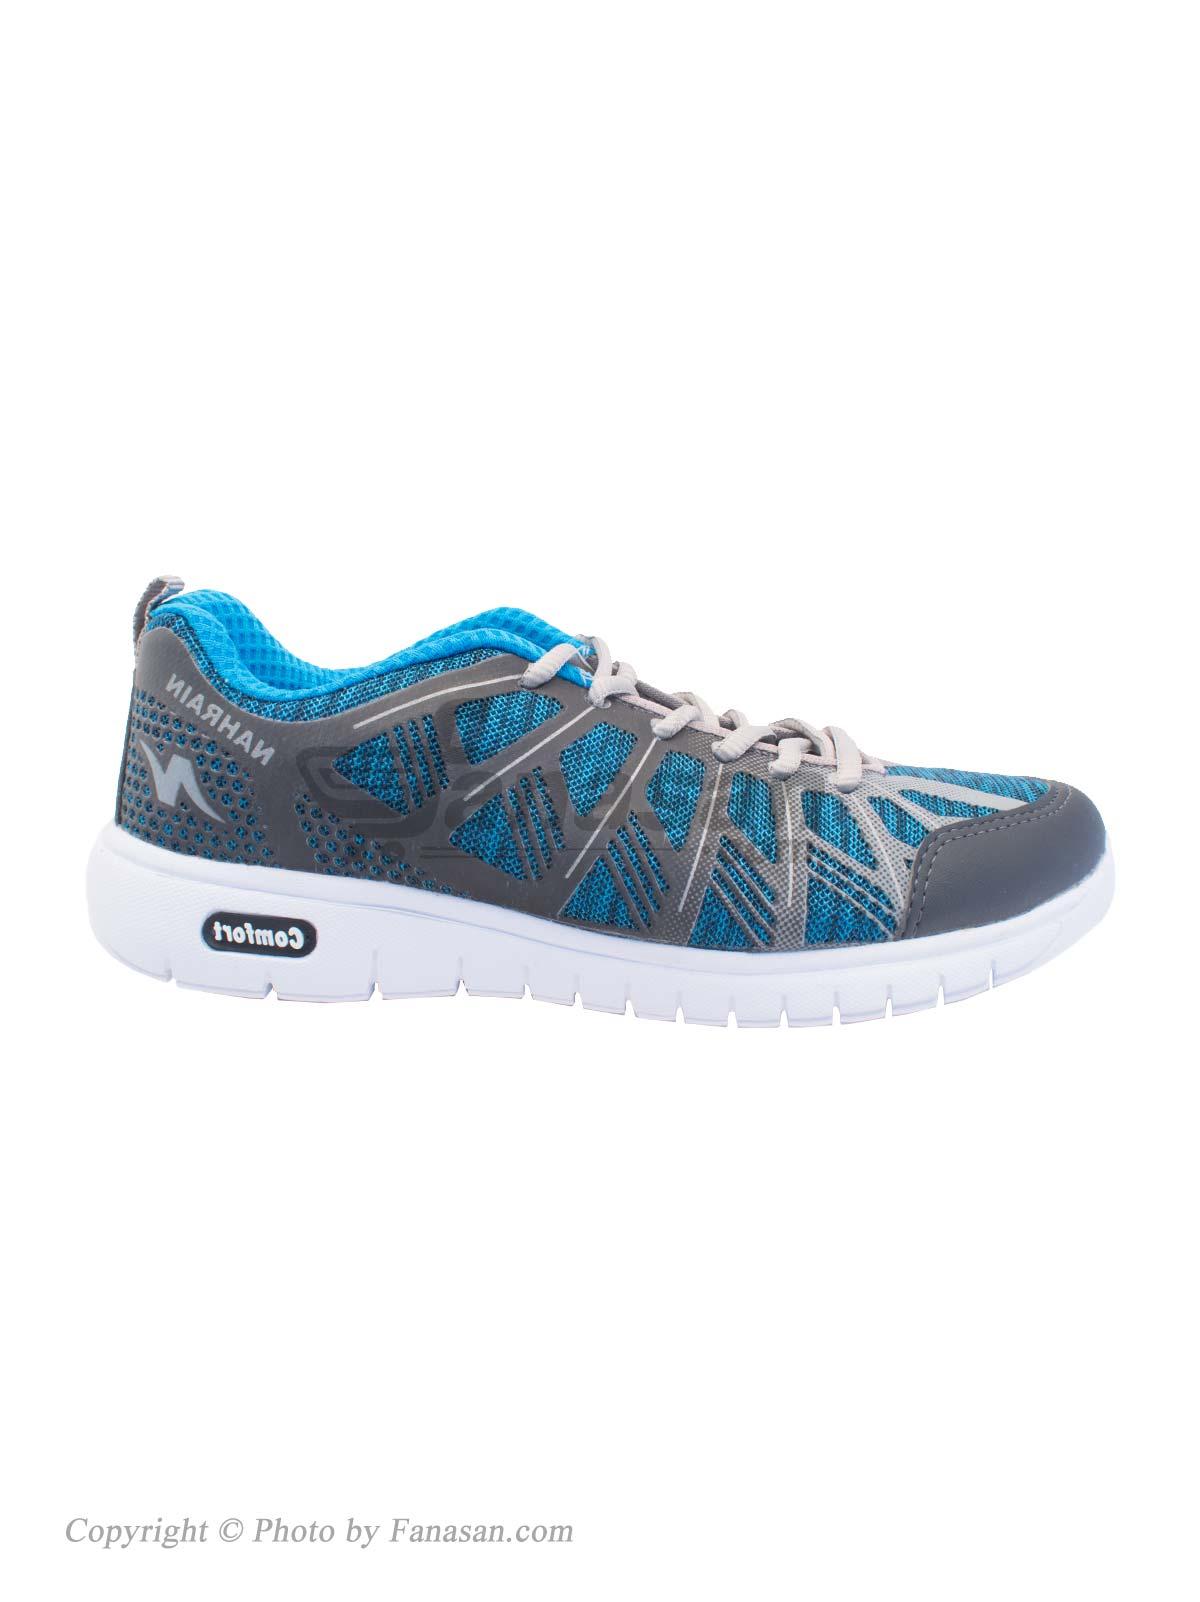 کفش زنانه نهرین مخصوص دویدن و پیاده روی مدل هما آبی طوسی سایز 40